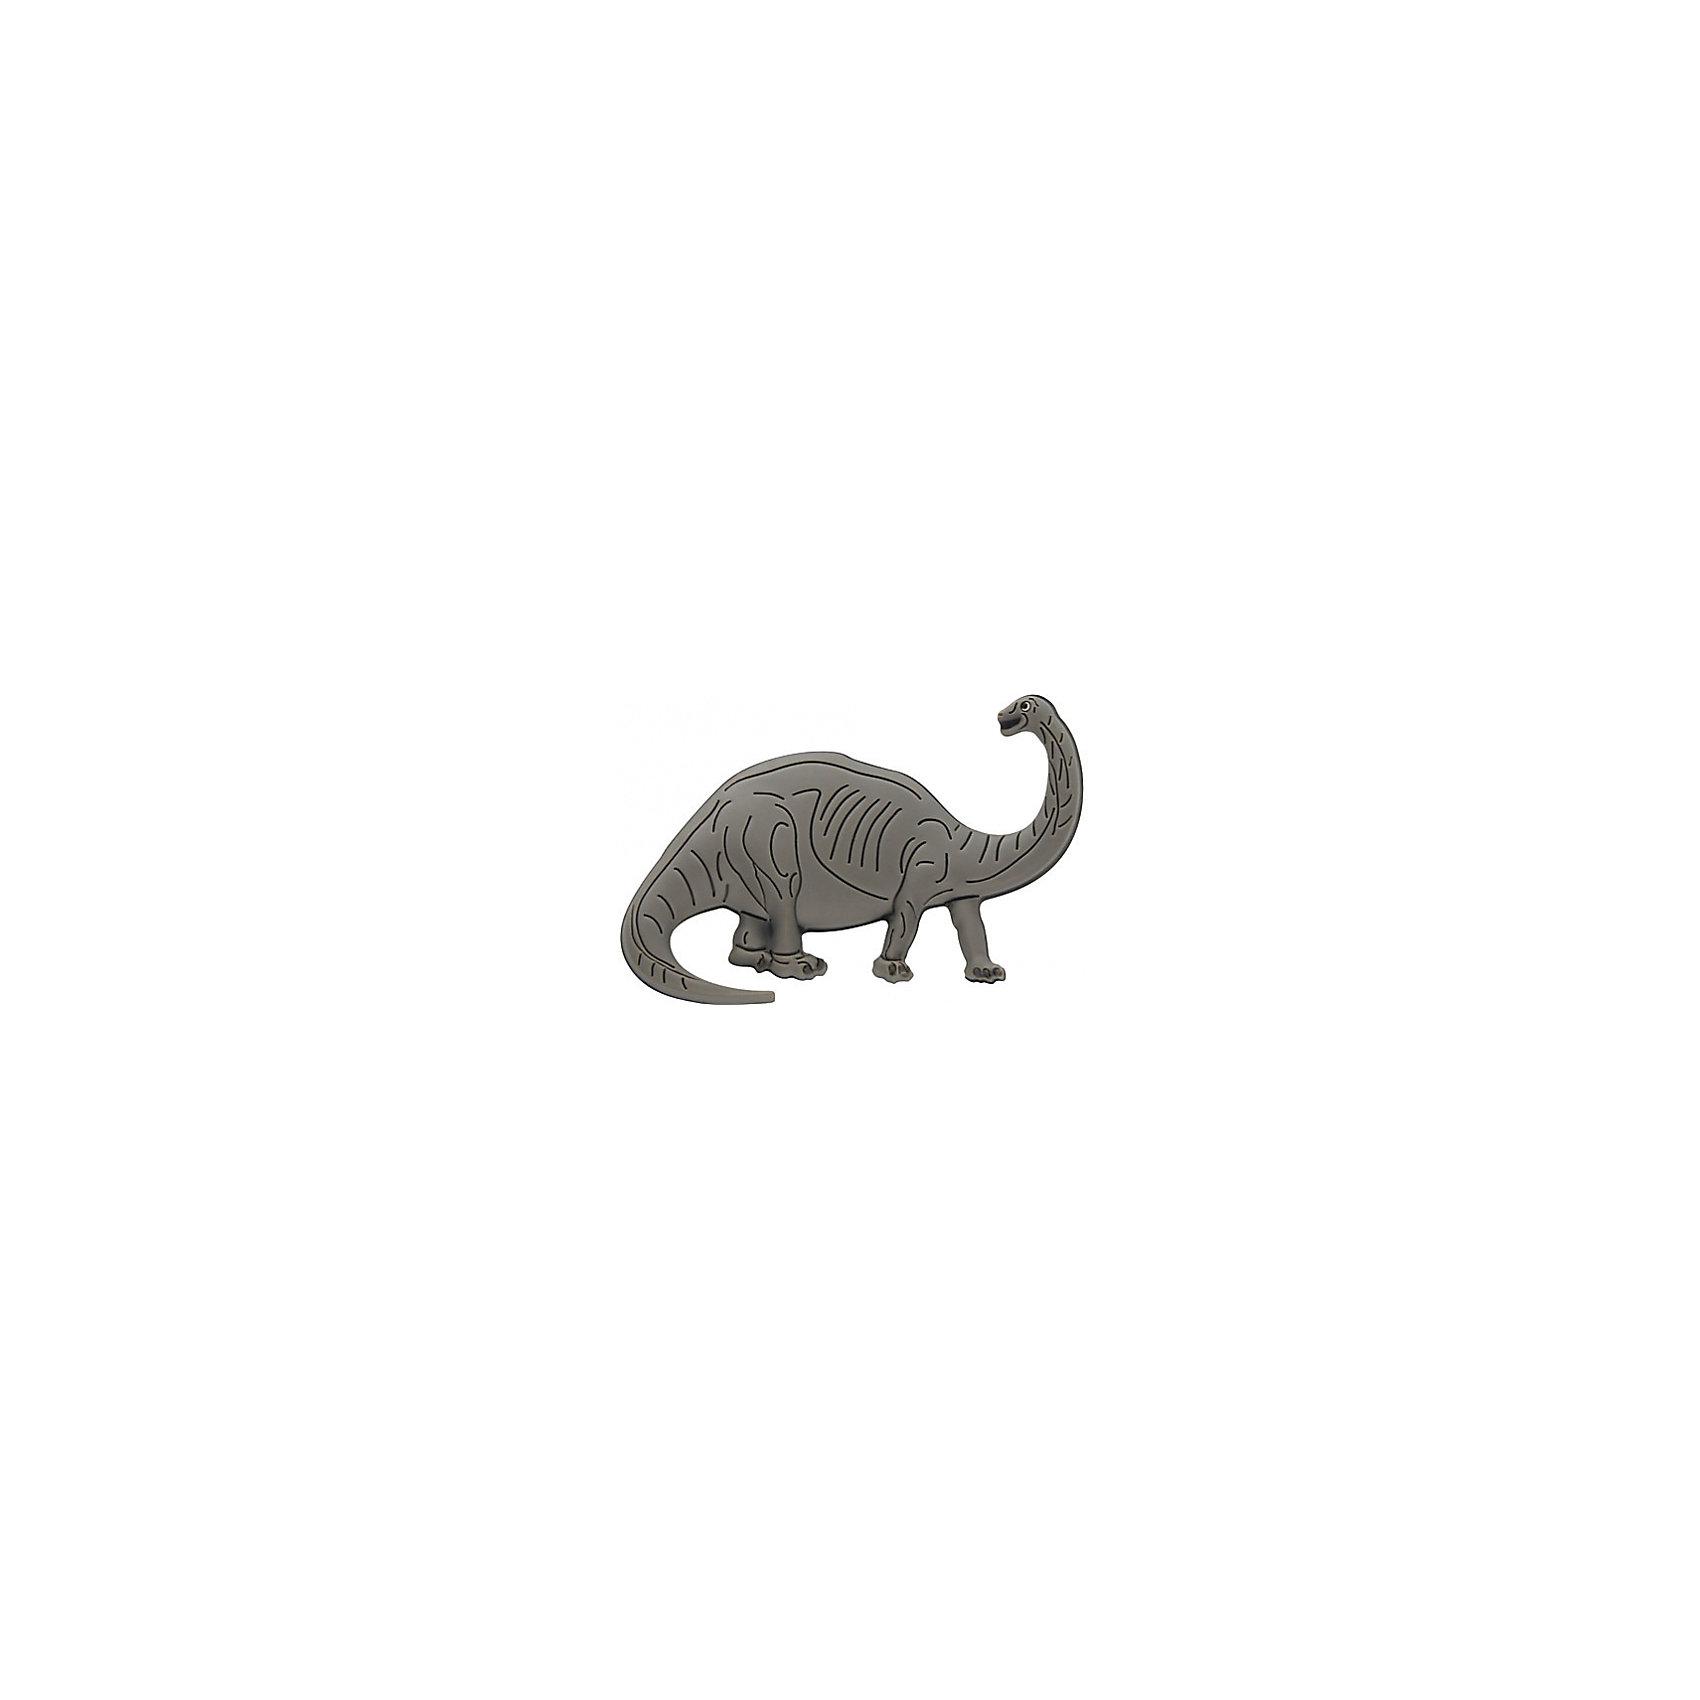 Украшение для сабо Crocs BrontosaurusУкрашение для сабо Crocs. <br>Состав: Полимерный материал Крослайт<br><br>Ширина мм: 170<br>Глубина мм: 157<br>Высота мм: 67<br>Вес г: 117<br>Возраст от месяцев: 6<br>Возраст до месяцев: 192<br>Пол: Унисекс<br>Возраст: Детский<br>SKU: 3983681